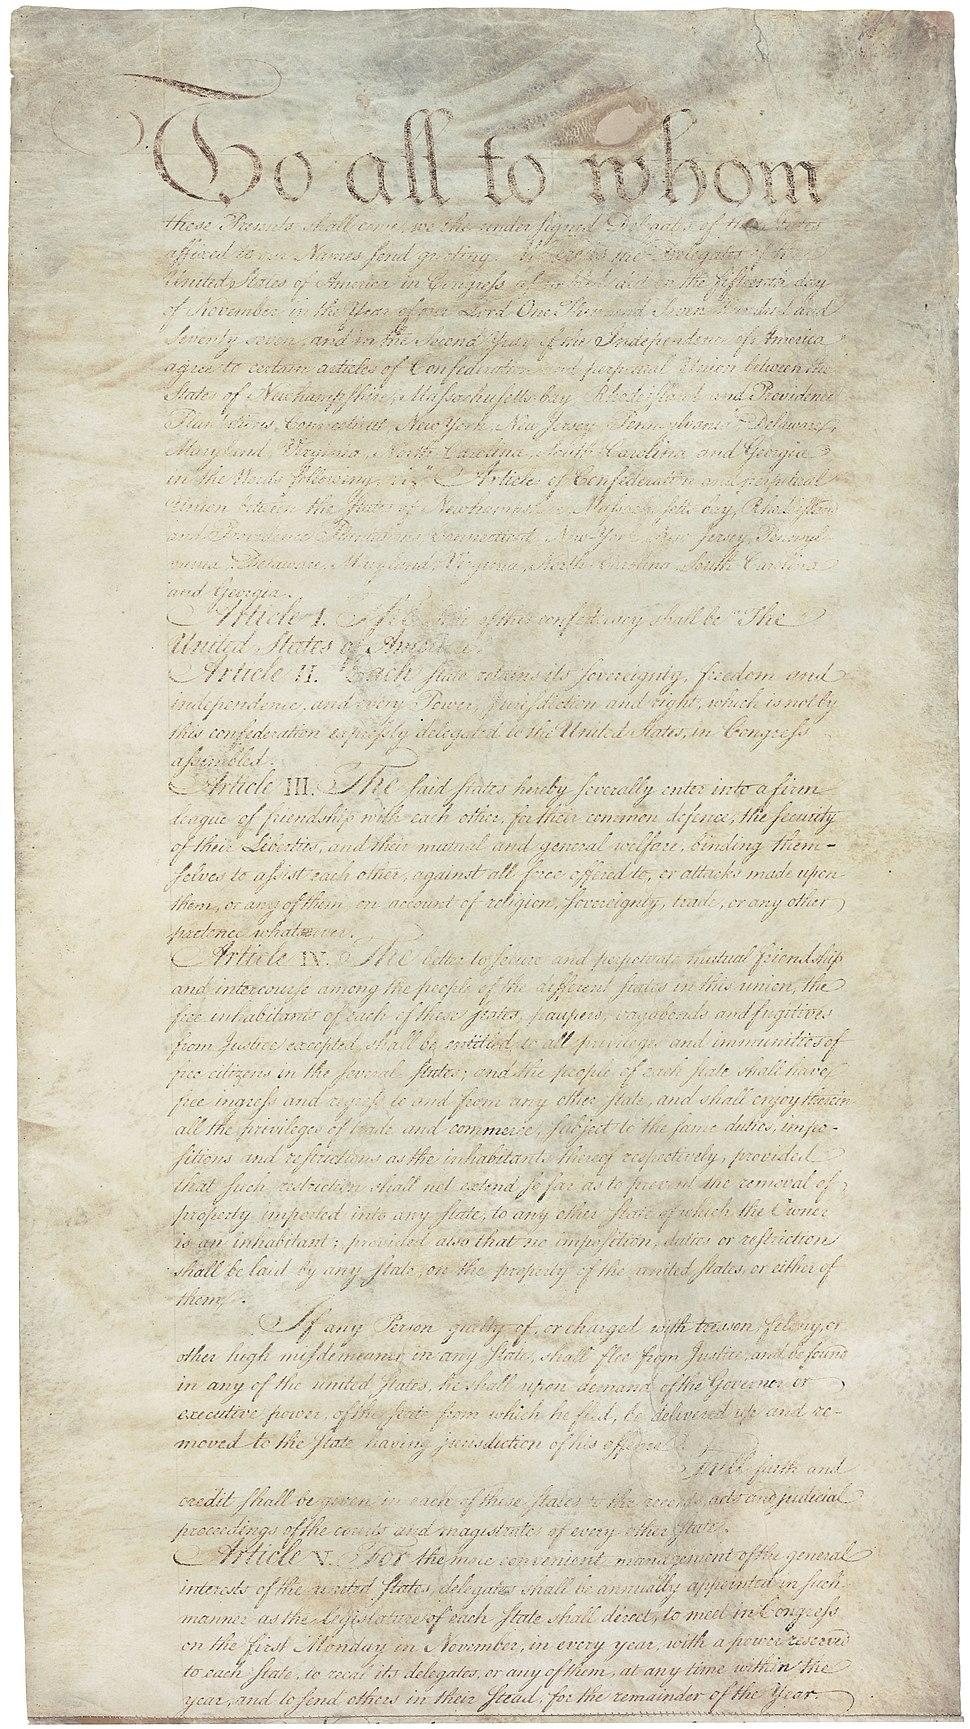 Articles of Confederation 1-5